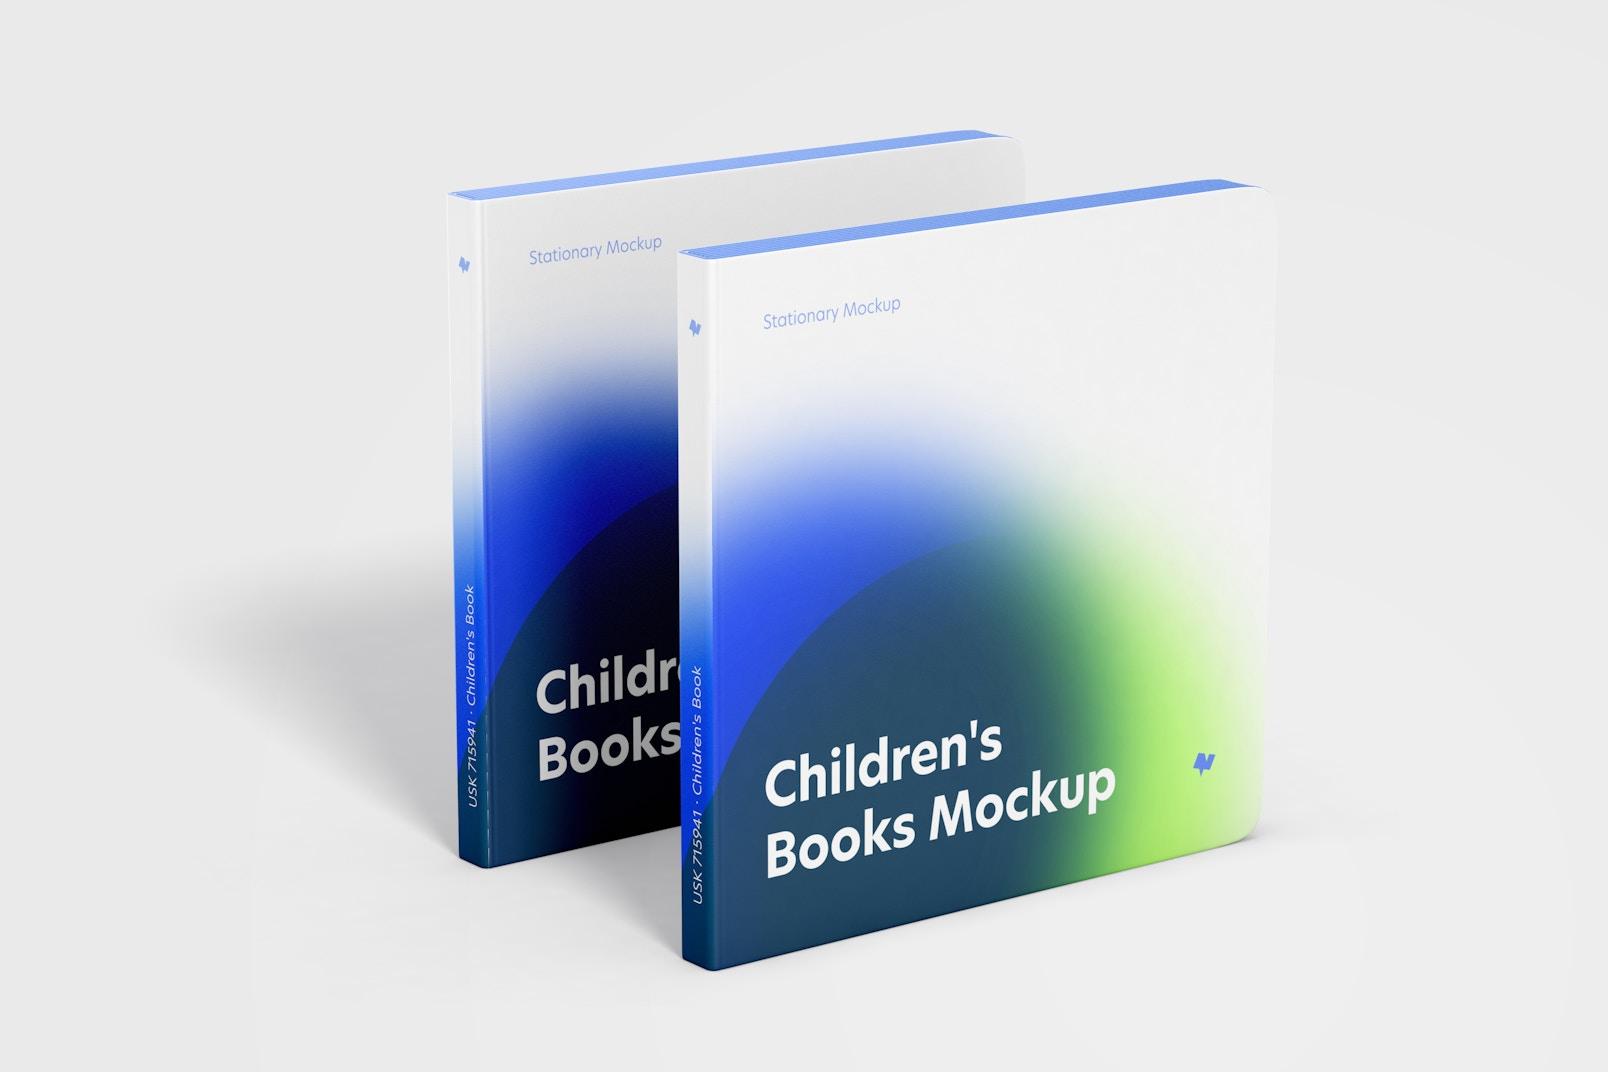 Children's Books Mockup